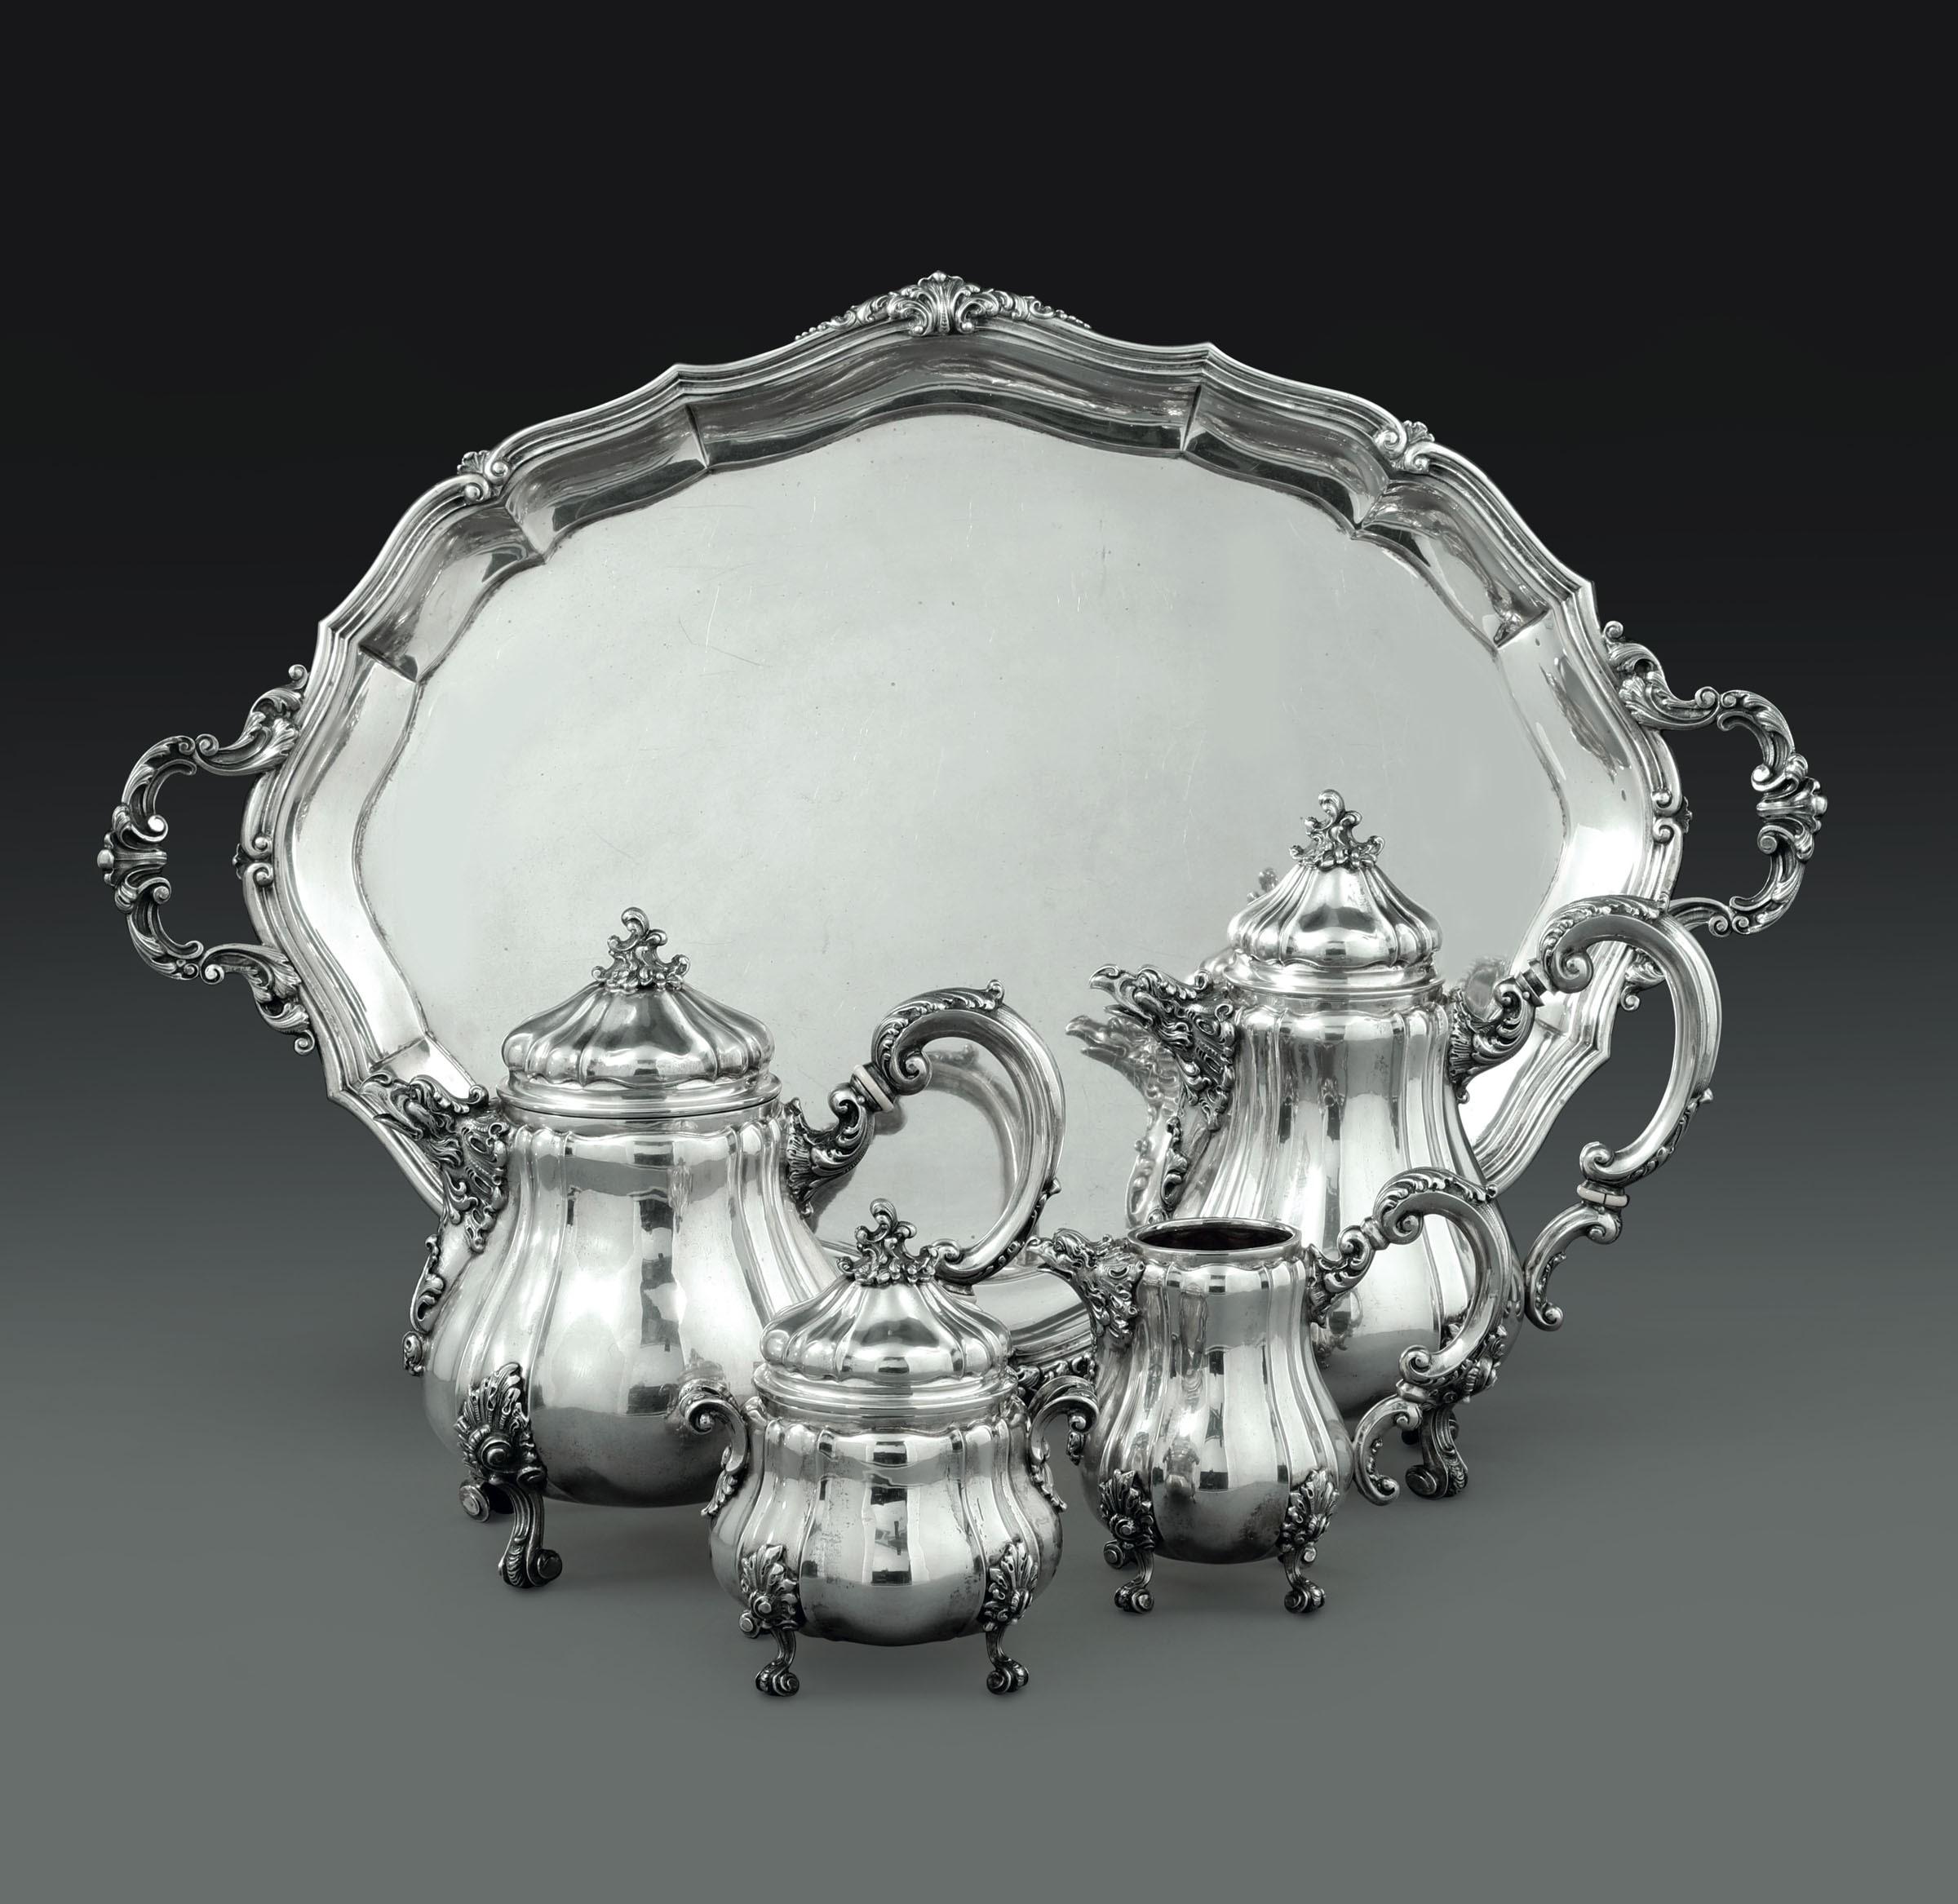 Lot 22 - Importante servizio da tè e caffè in argento. Argenteria artistica italiana. Bolli [...]